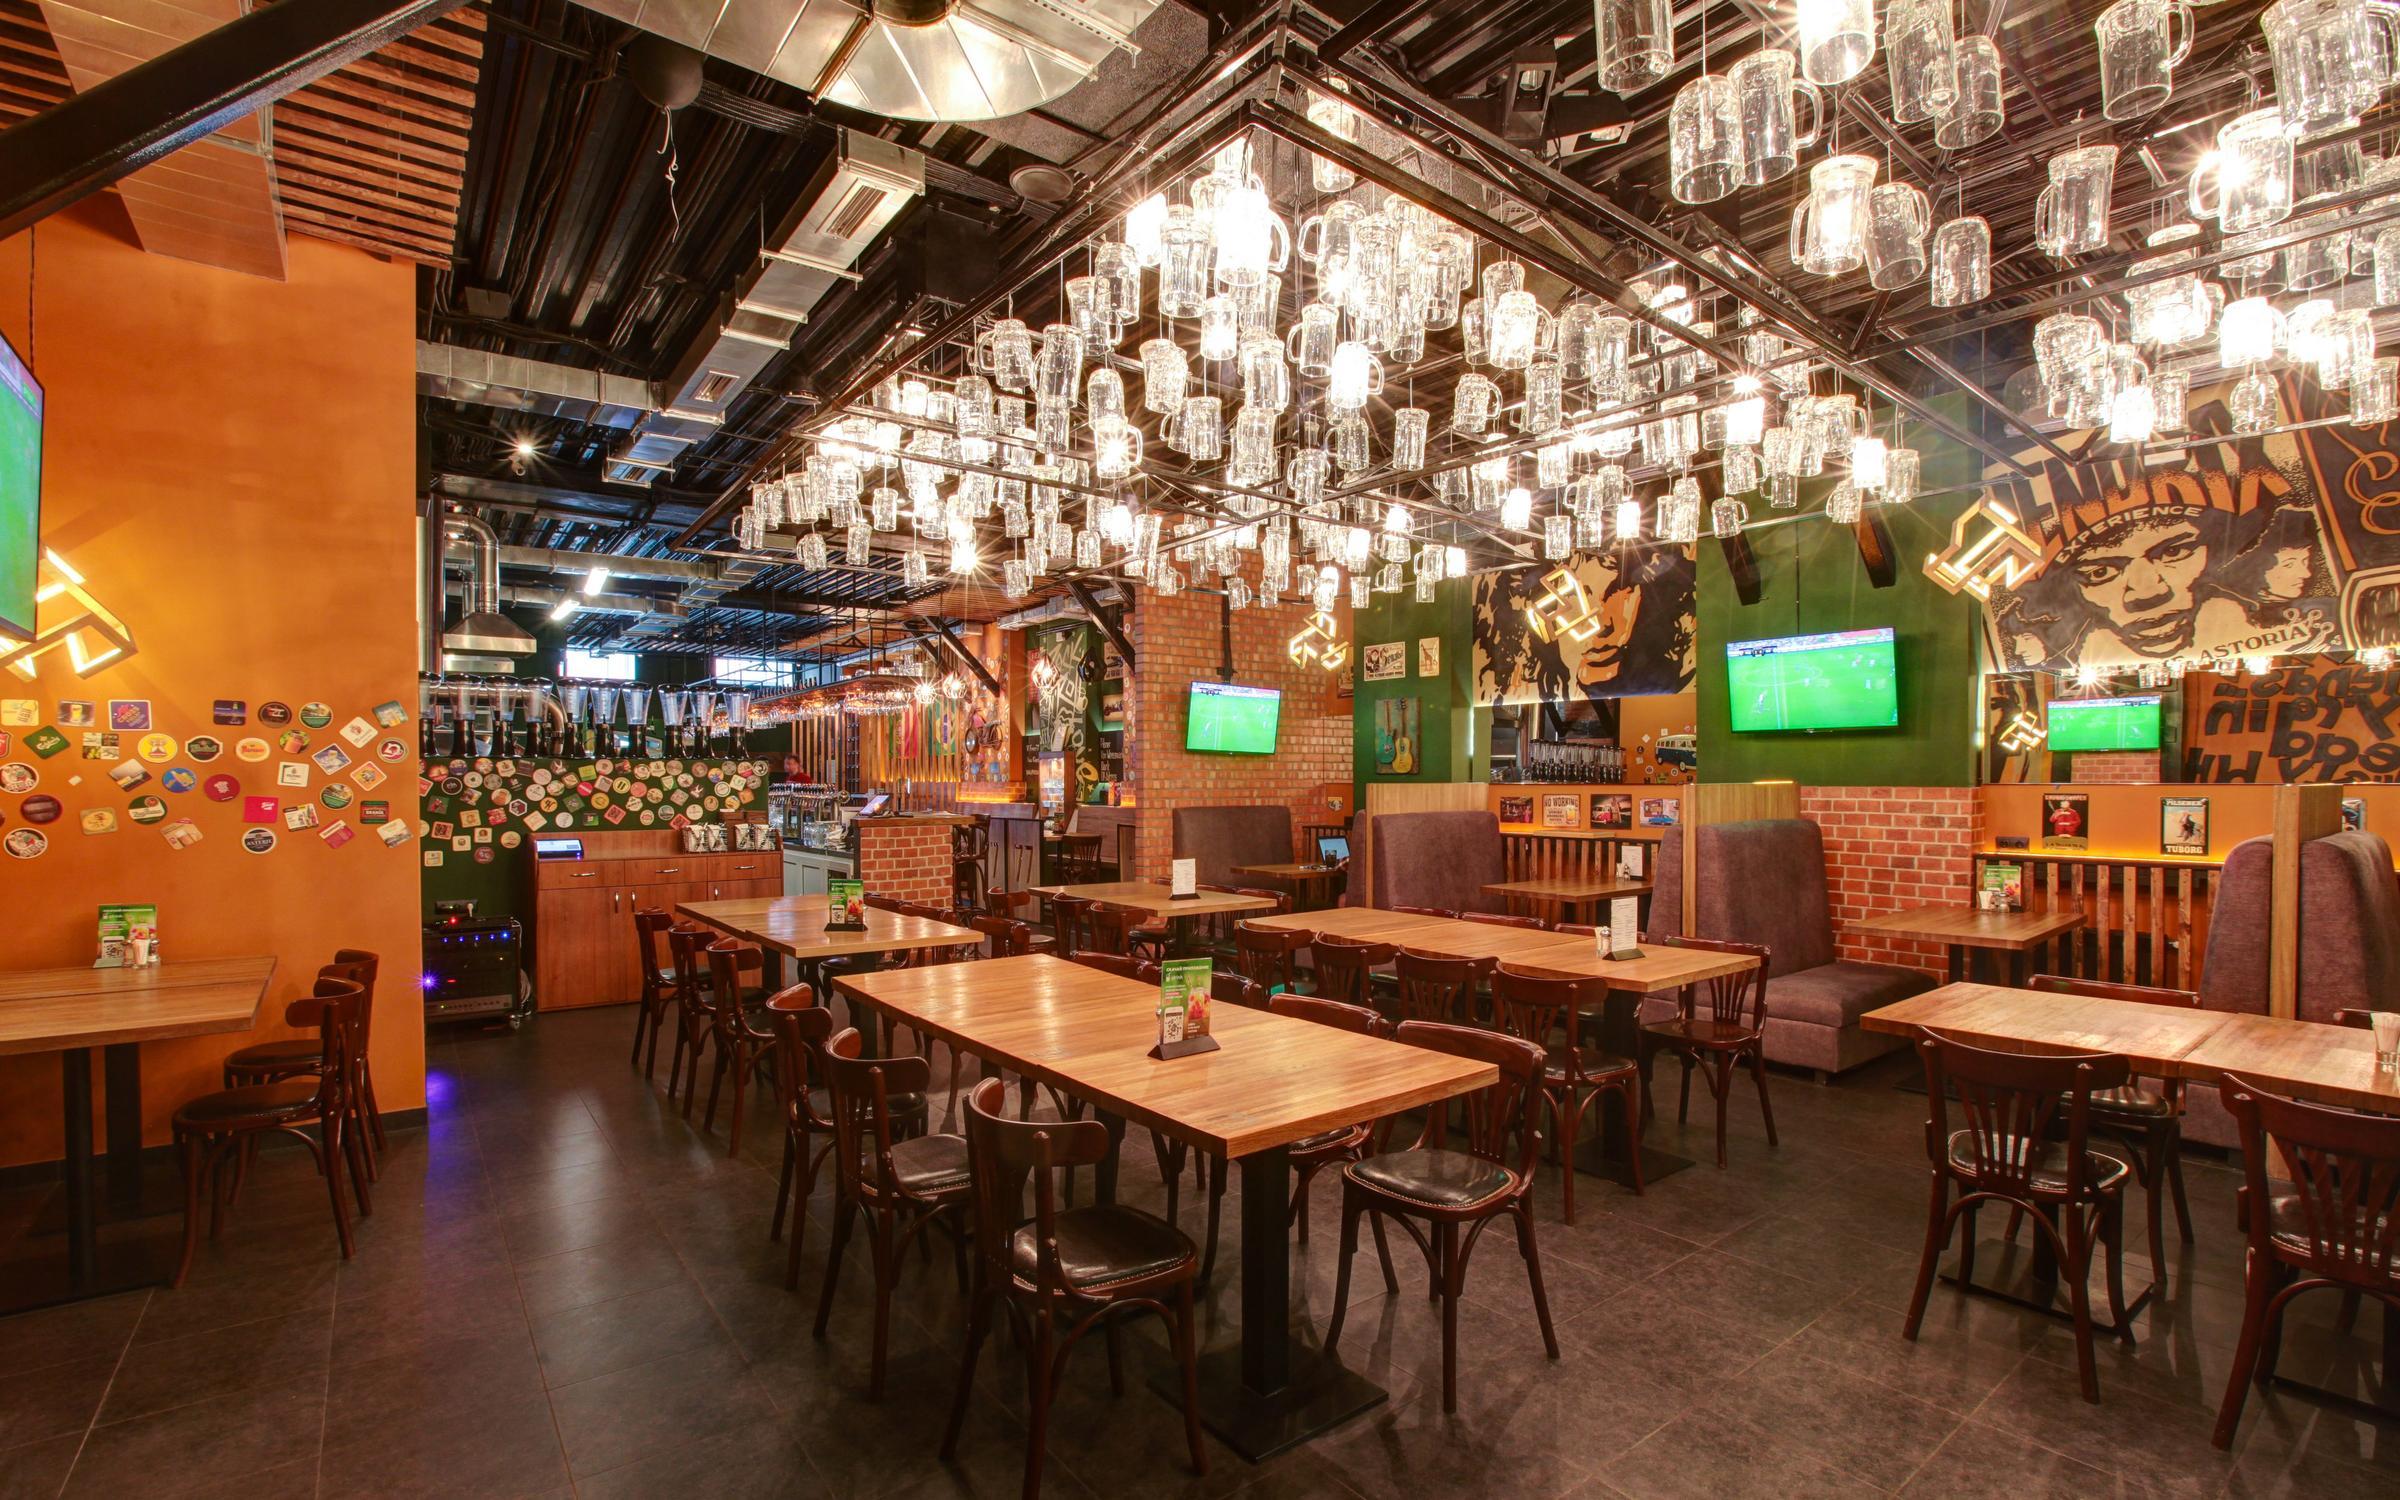 фотография Кафе-бара и пивоварни Пивзавод77 в Спартаковском переулке, 2 стр 1